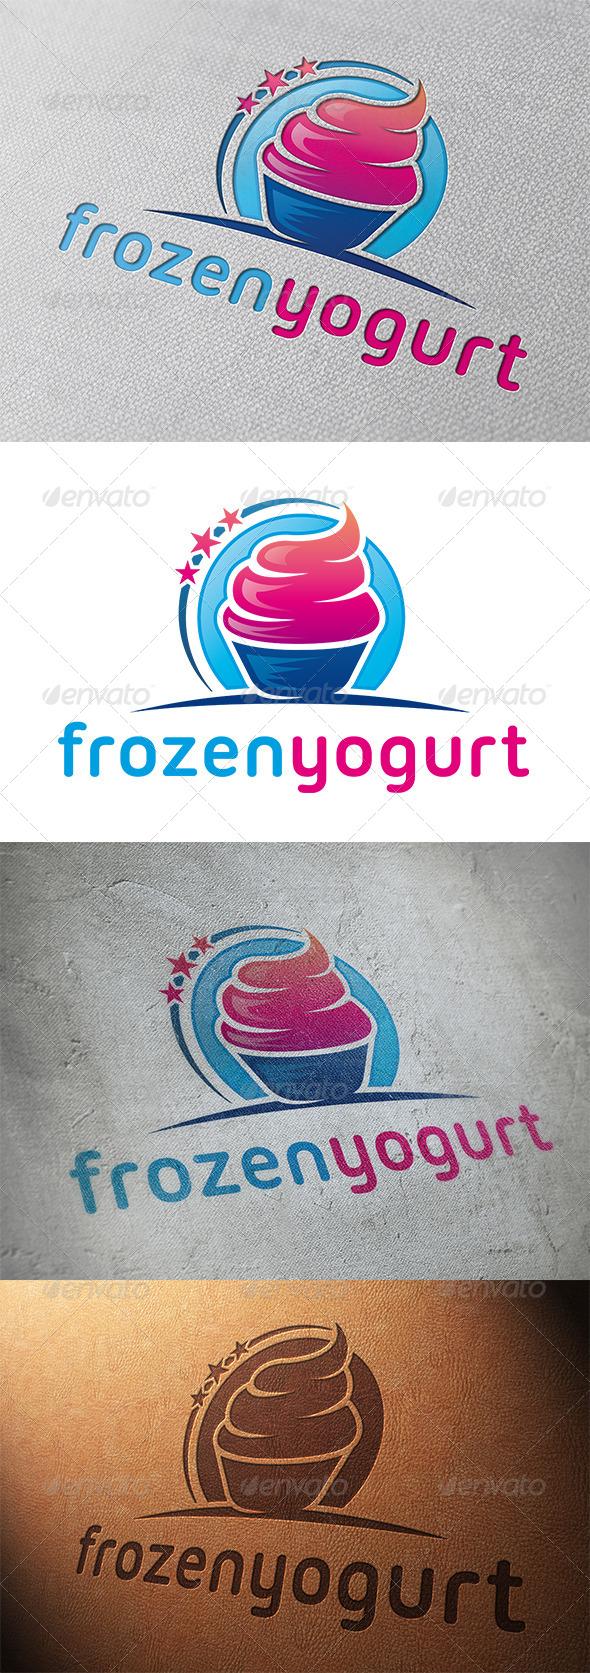 Logotipos para Heladerías y Yogur Helado.